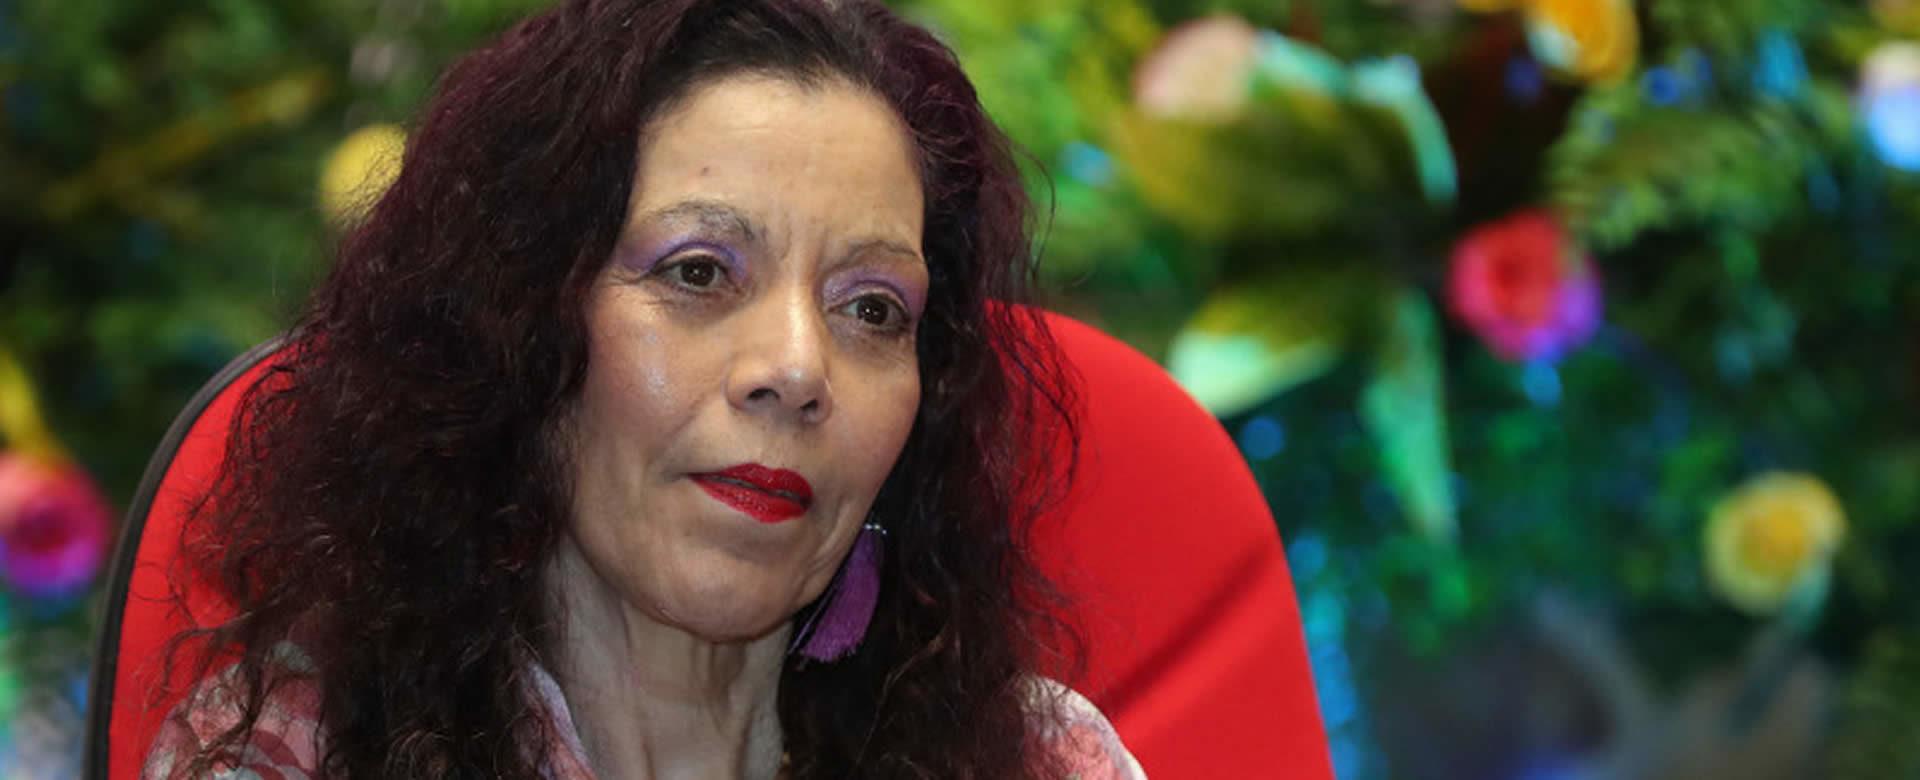 Rosario: Diálogo, Seguridad, Paz, prioridad de las Familias nicaragüenses